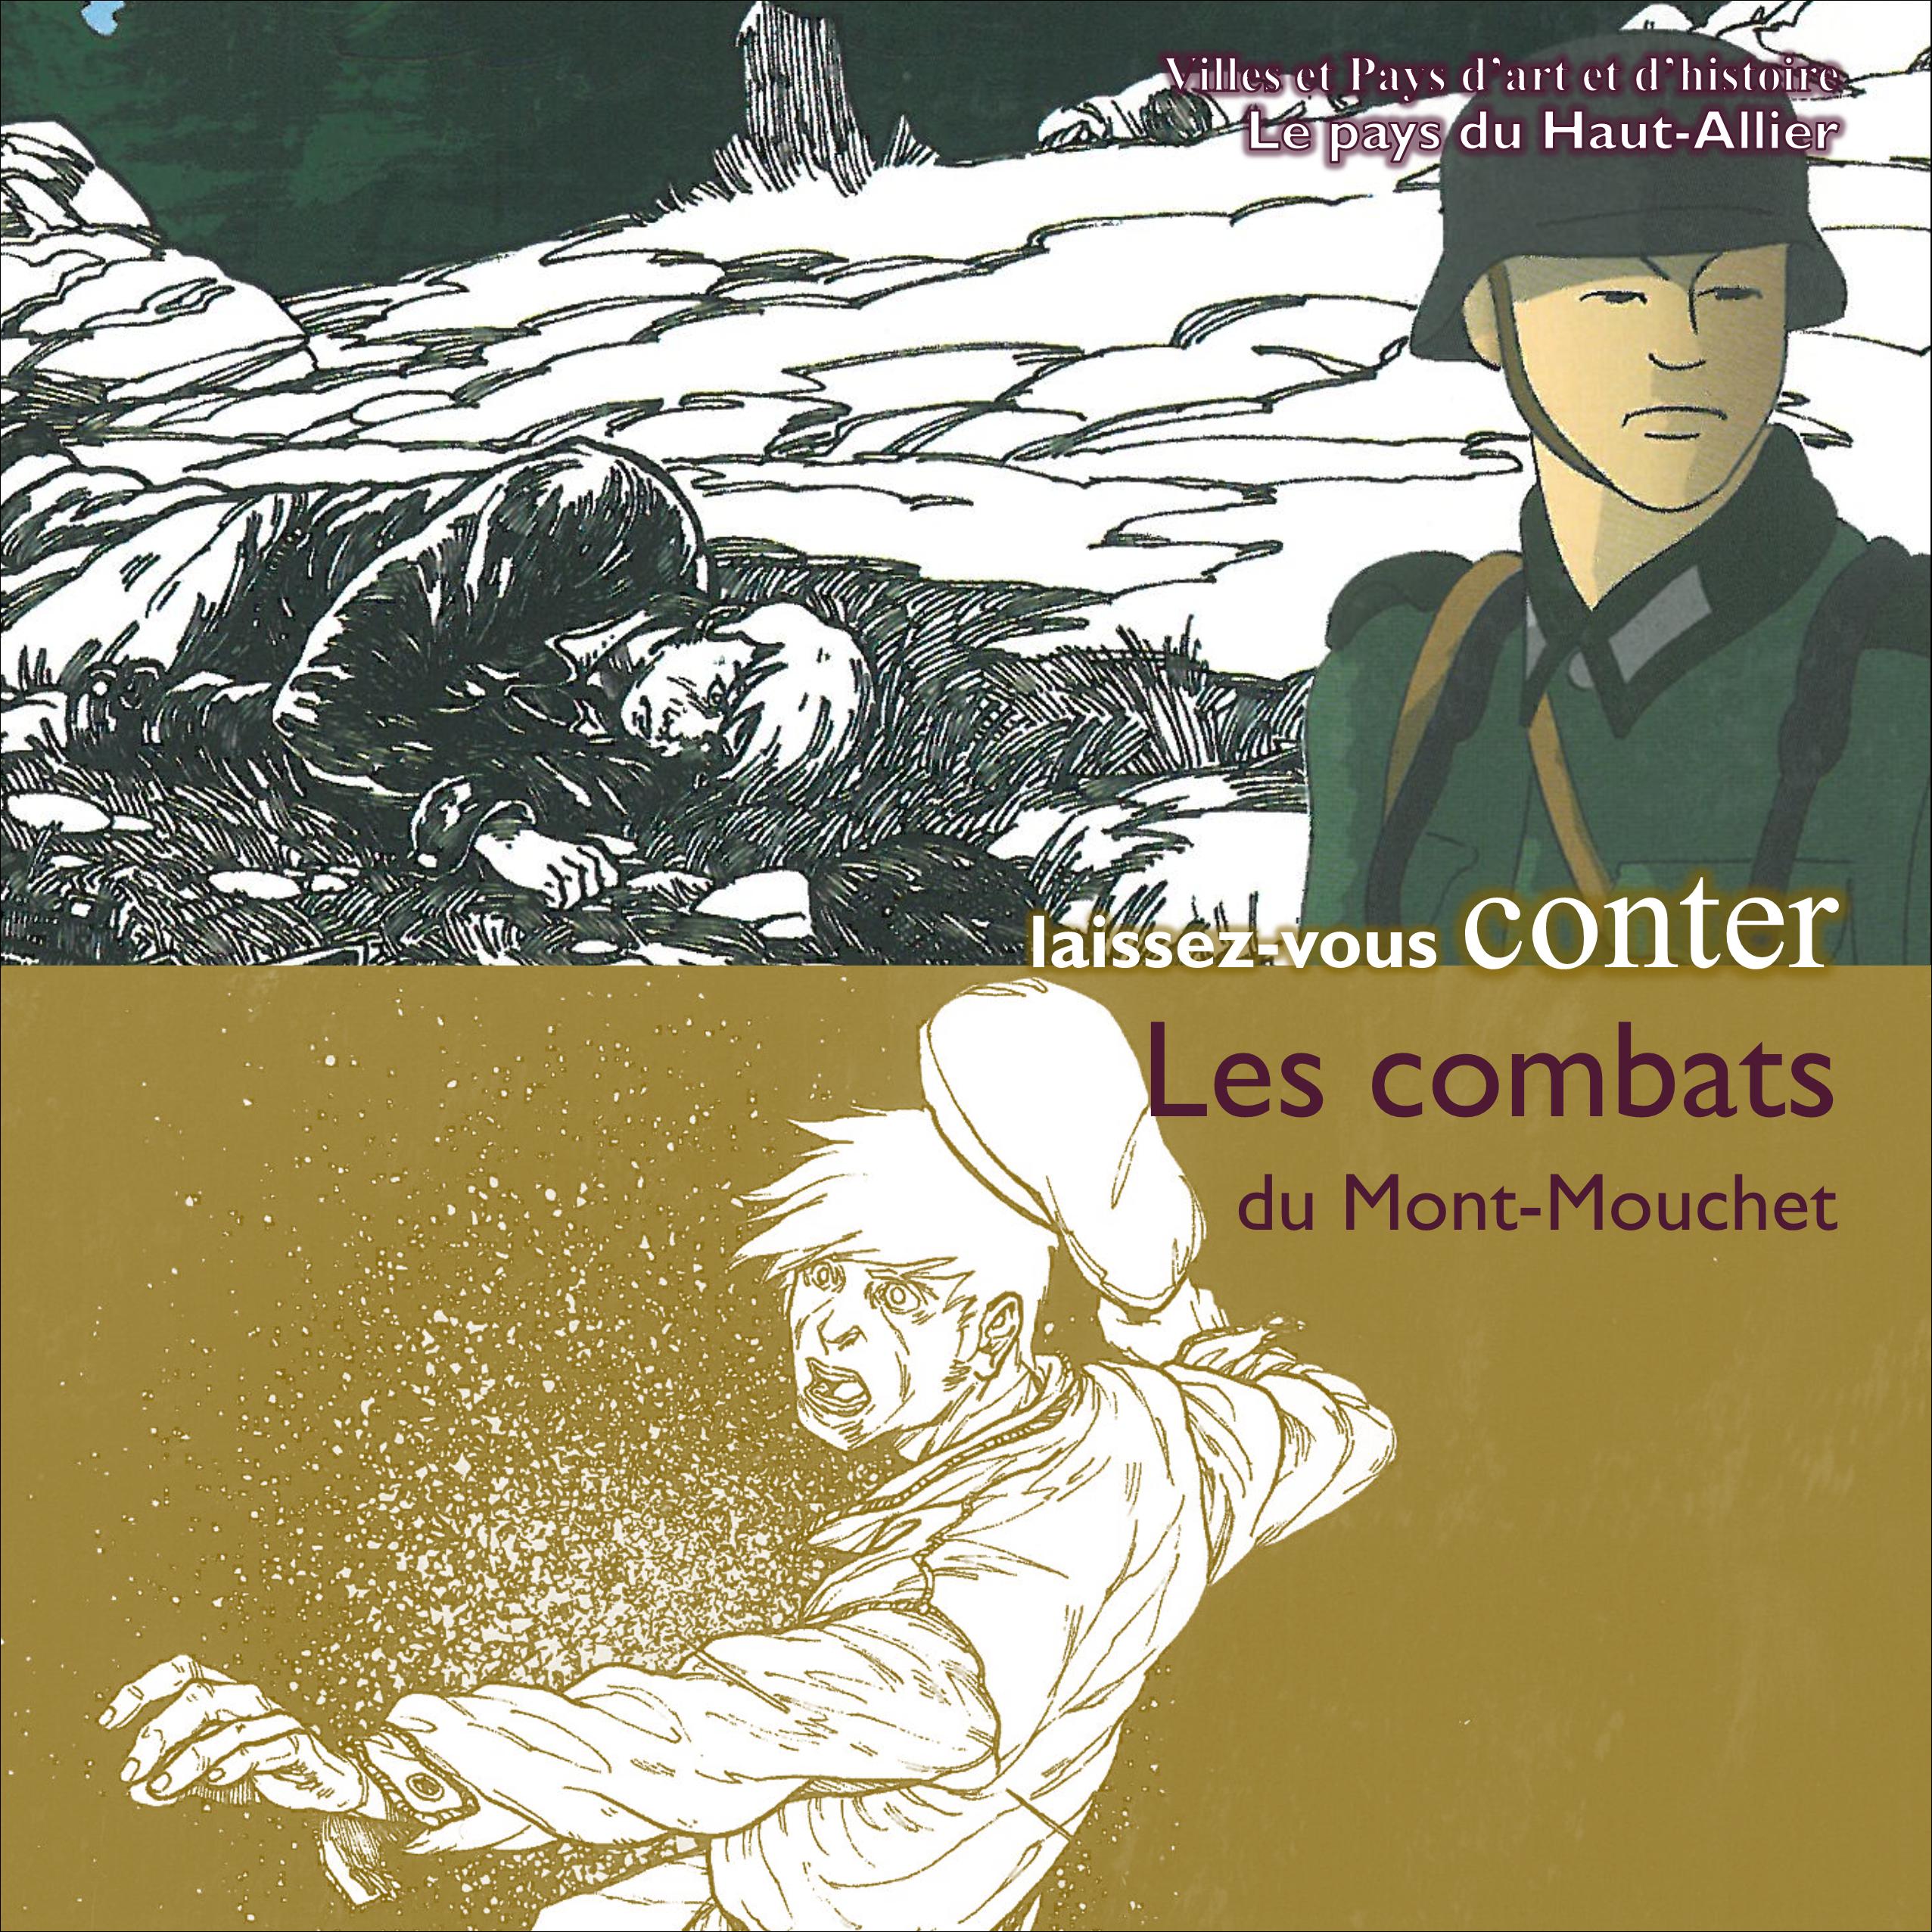 Les combats du Mont-Mouchet